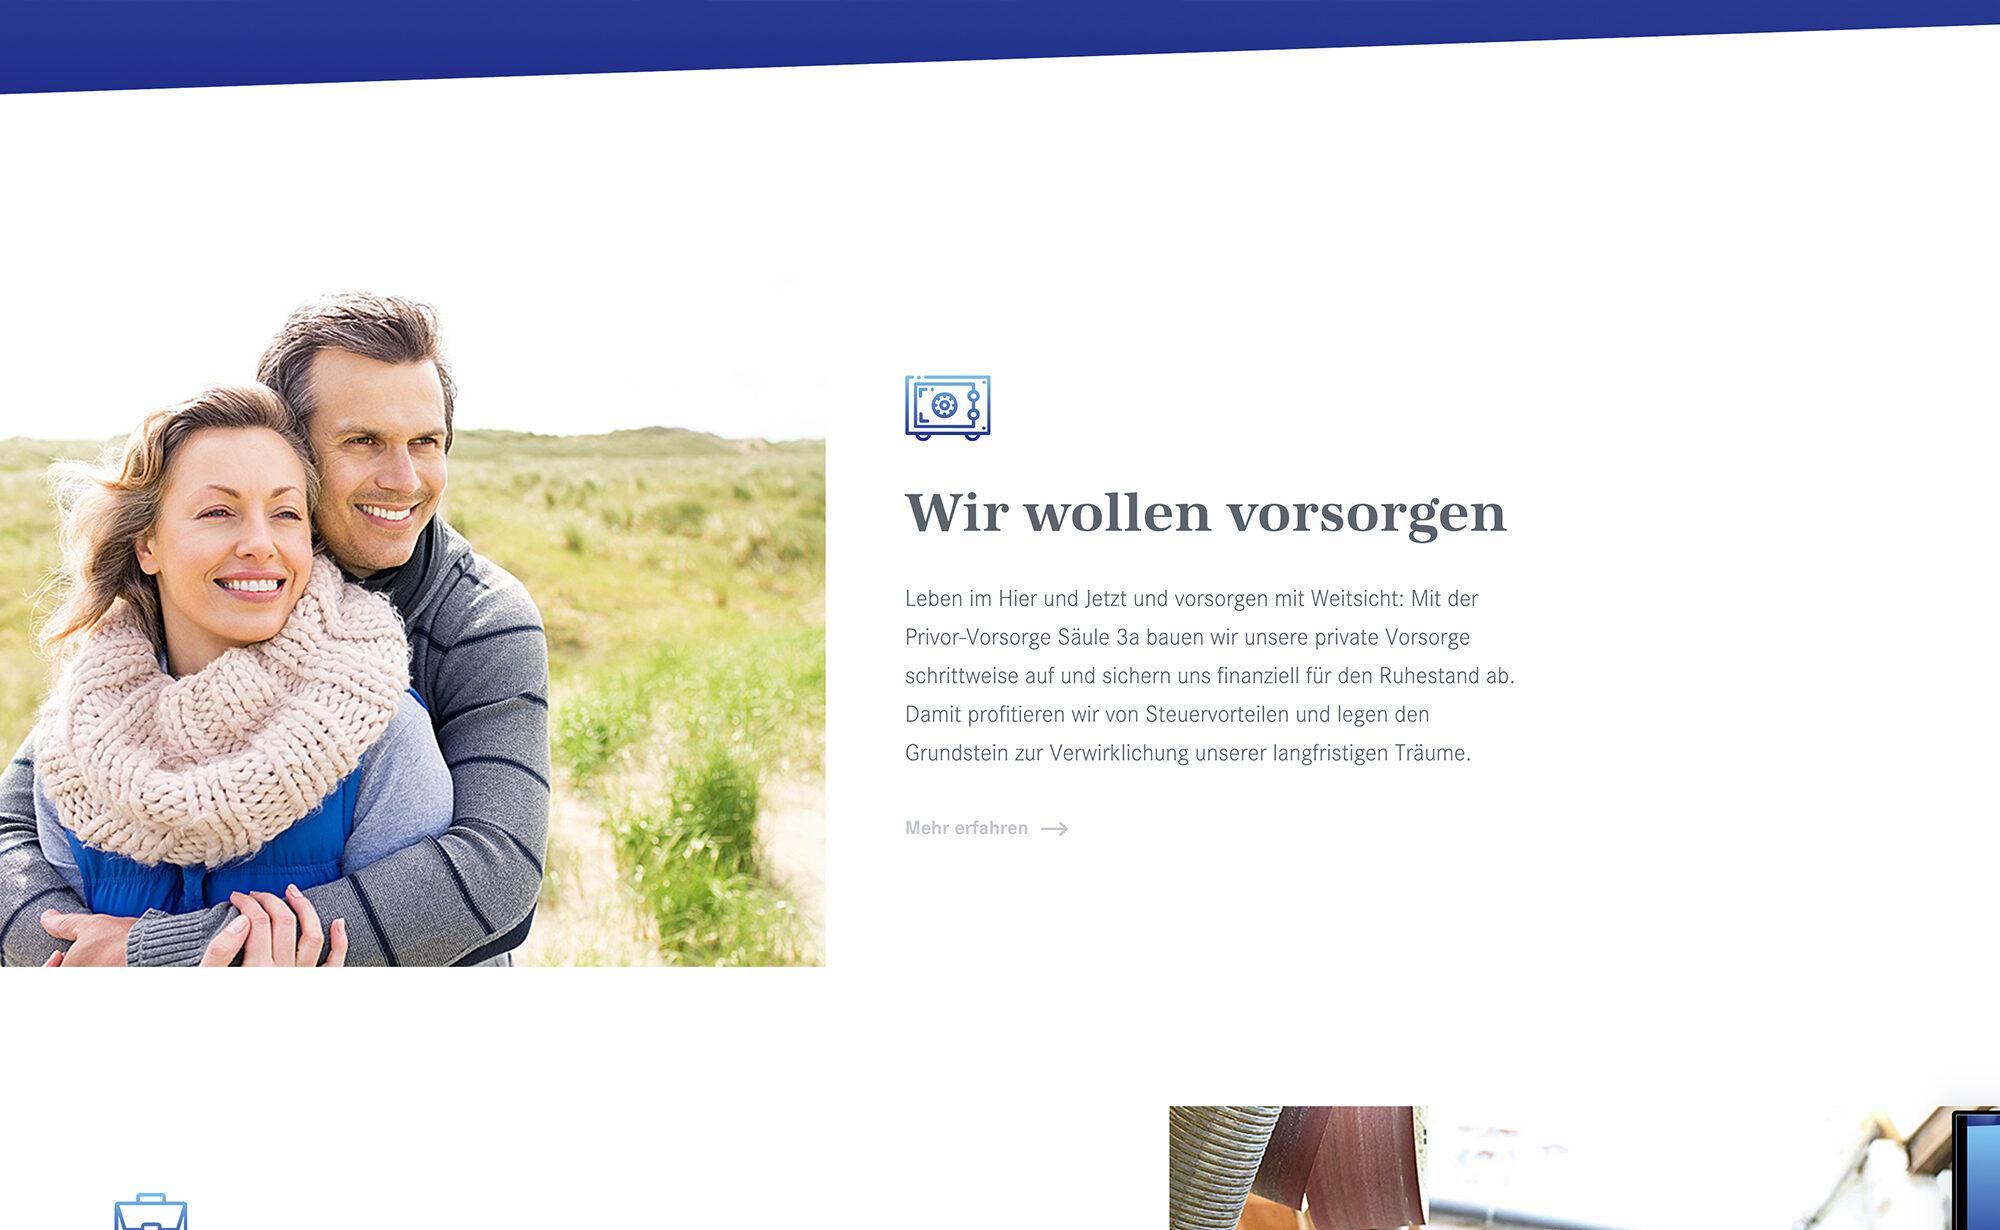 Wir wollen vorsorgen, privor.ch Screenshot - Privor Stiftung 3. Säule